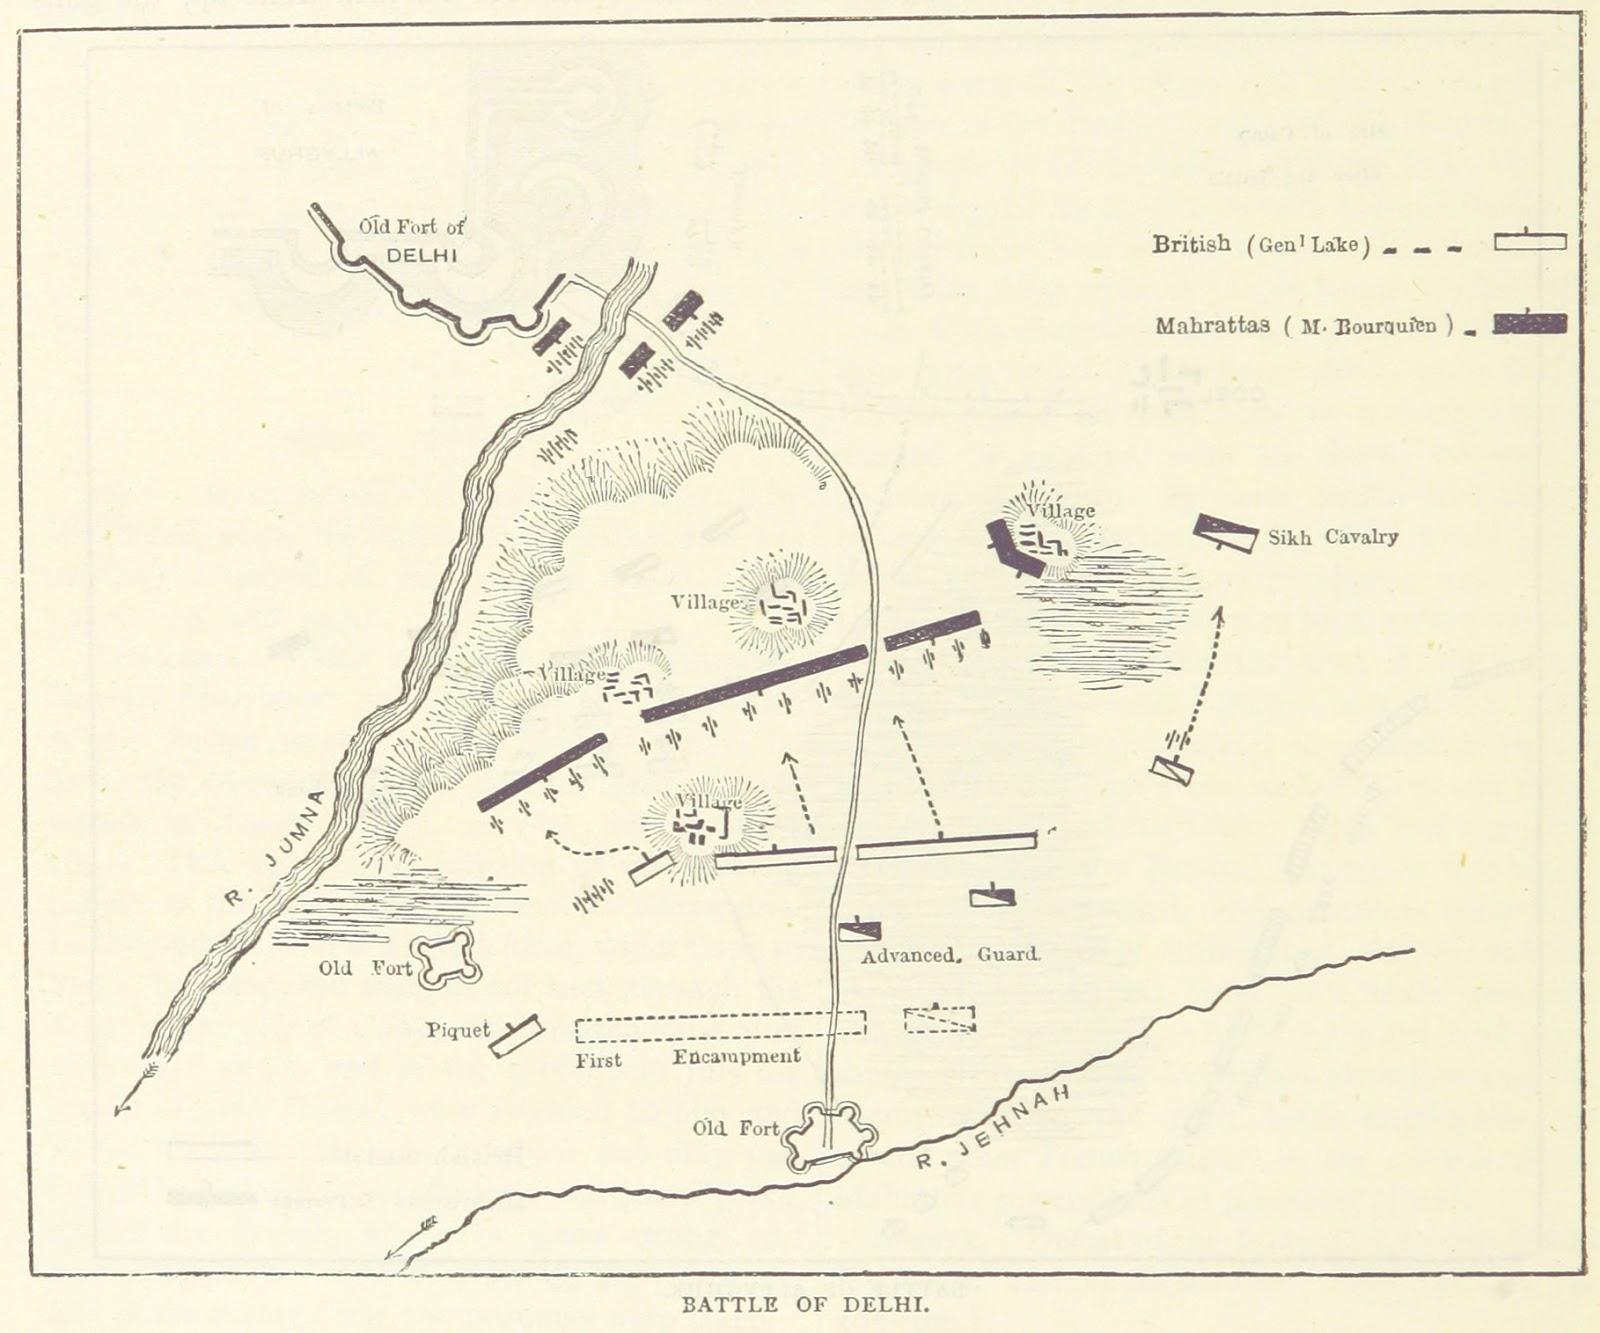 1803, पटपड़गंज की लड़ाई